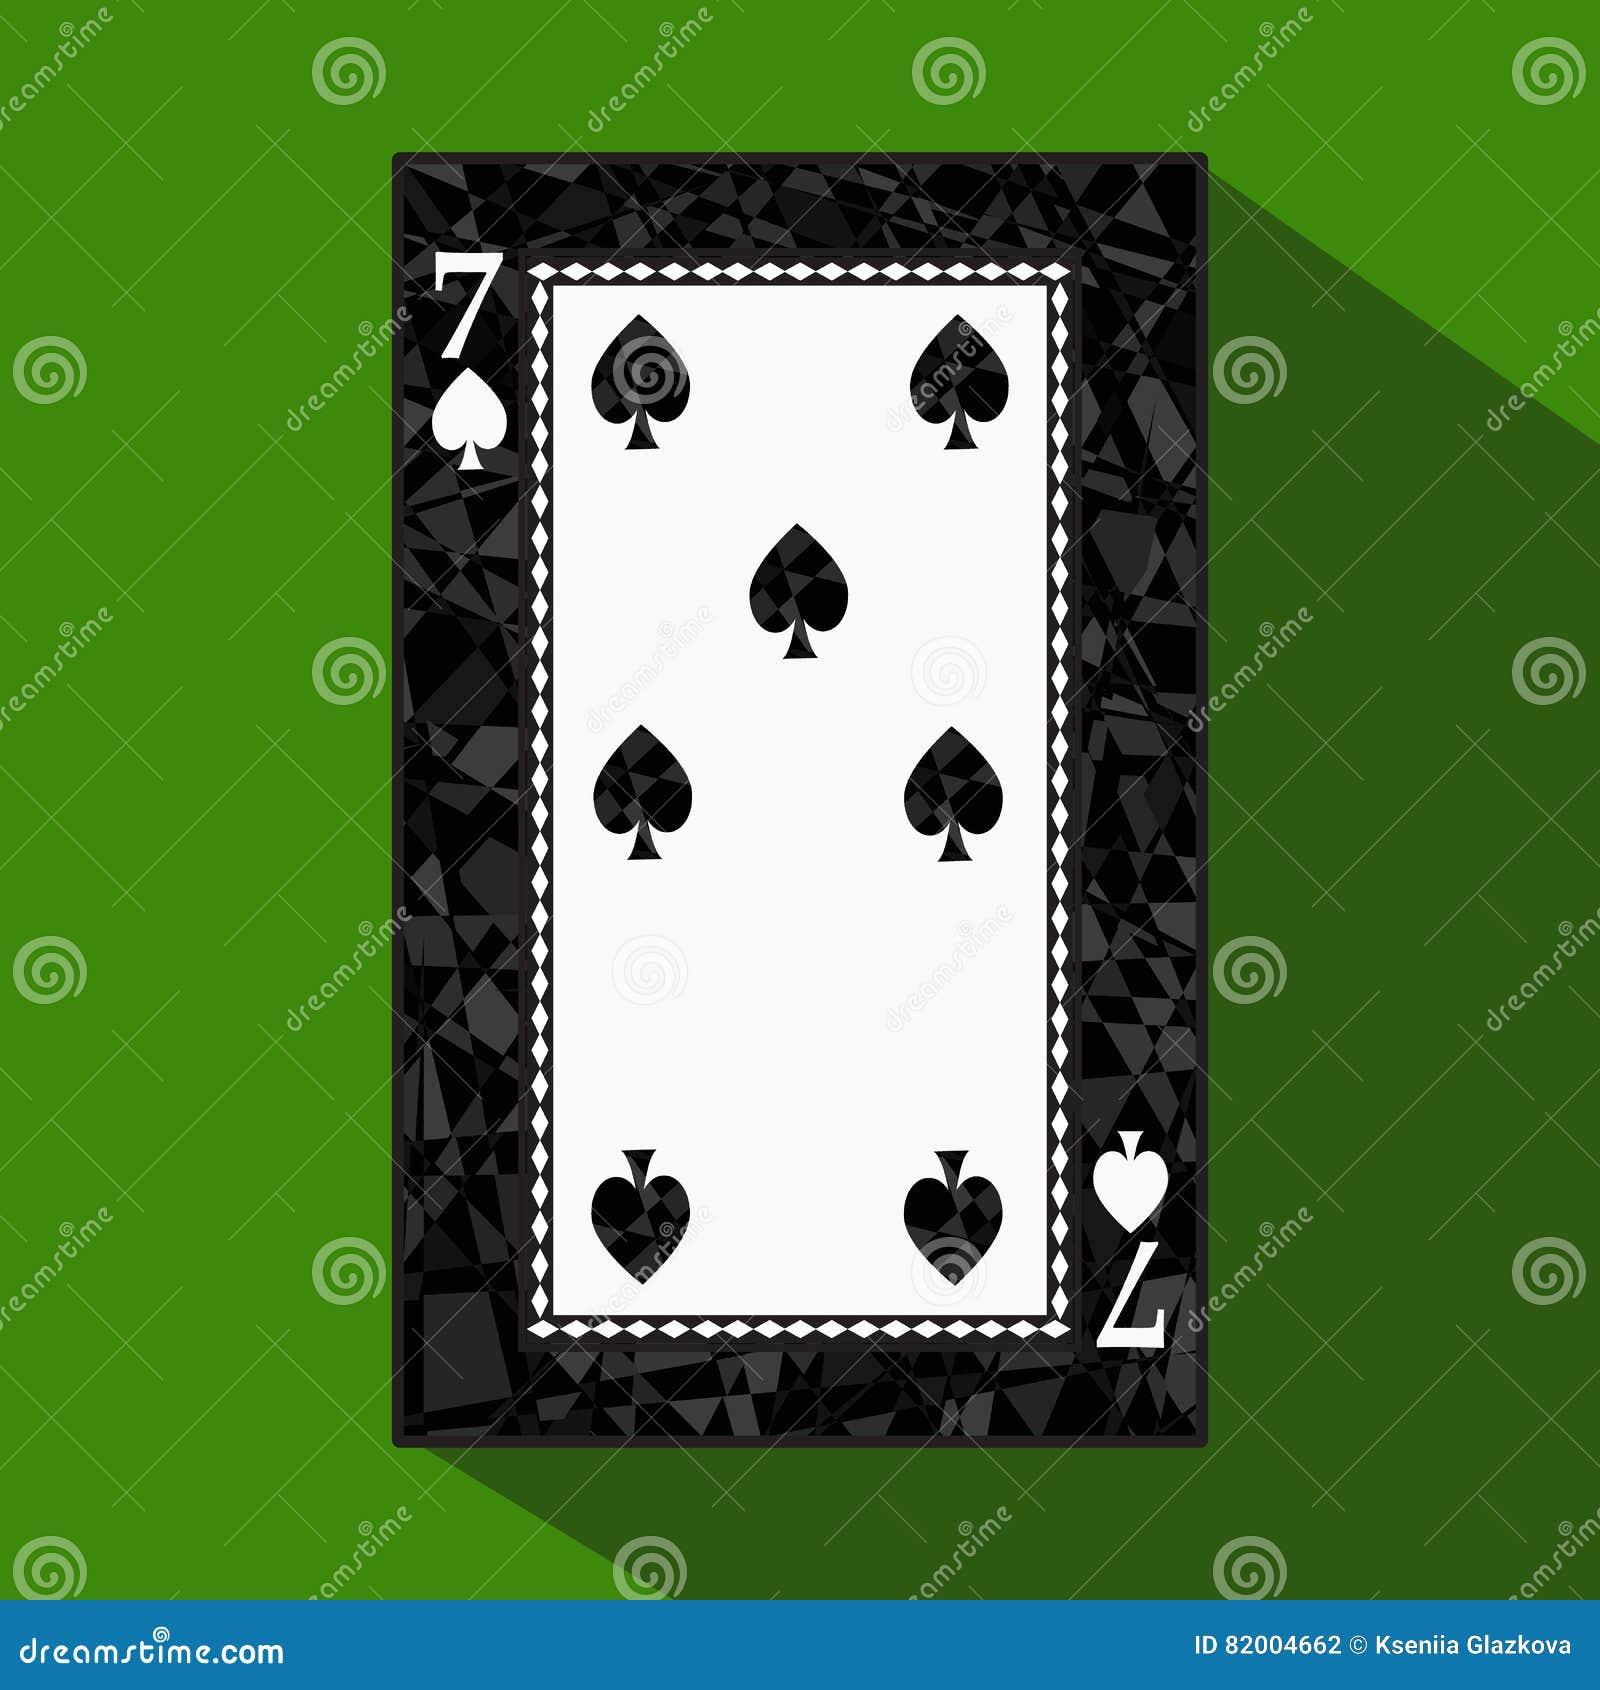 ... 7 om mörk regiongräns en illustration på en grön bakgrund  applikationtidsbeställning för  website press 328518d460024